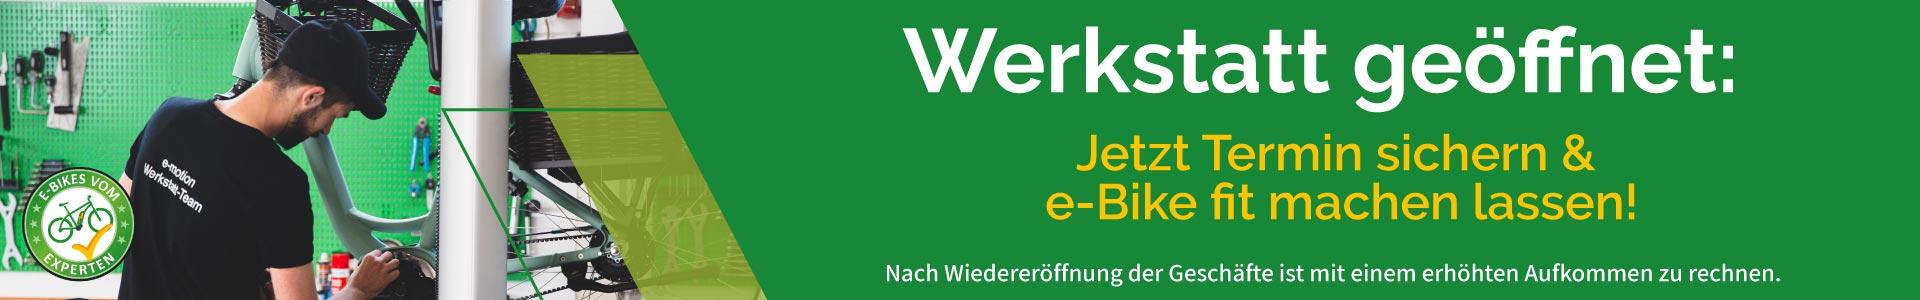 Werkstatt öffnen in der e-motion e-Bike Welt Gießen